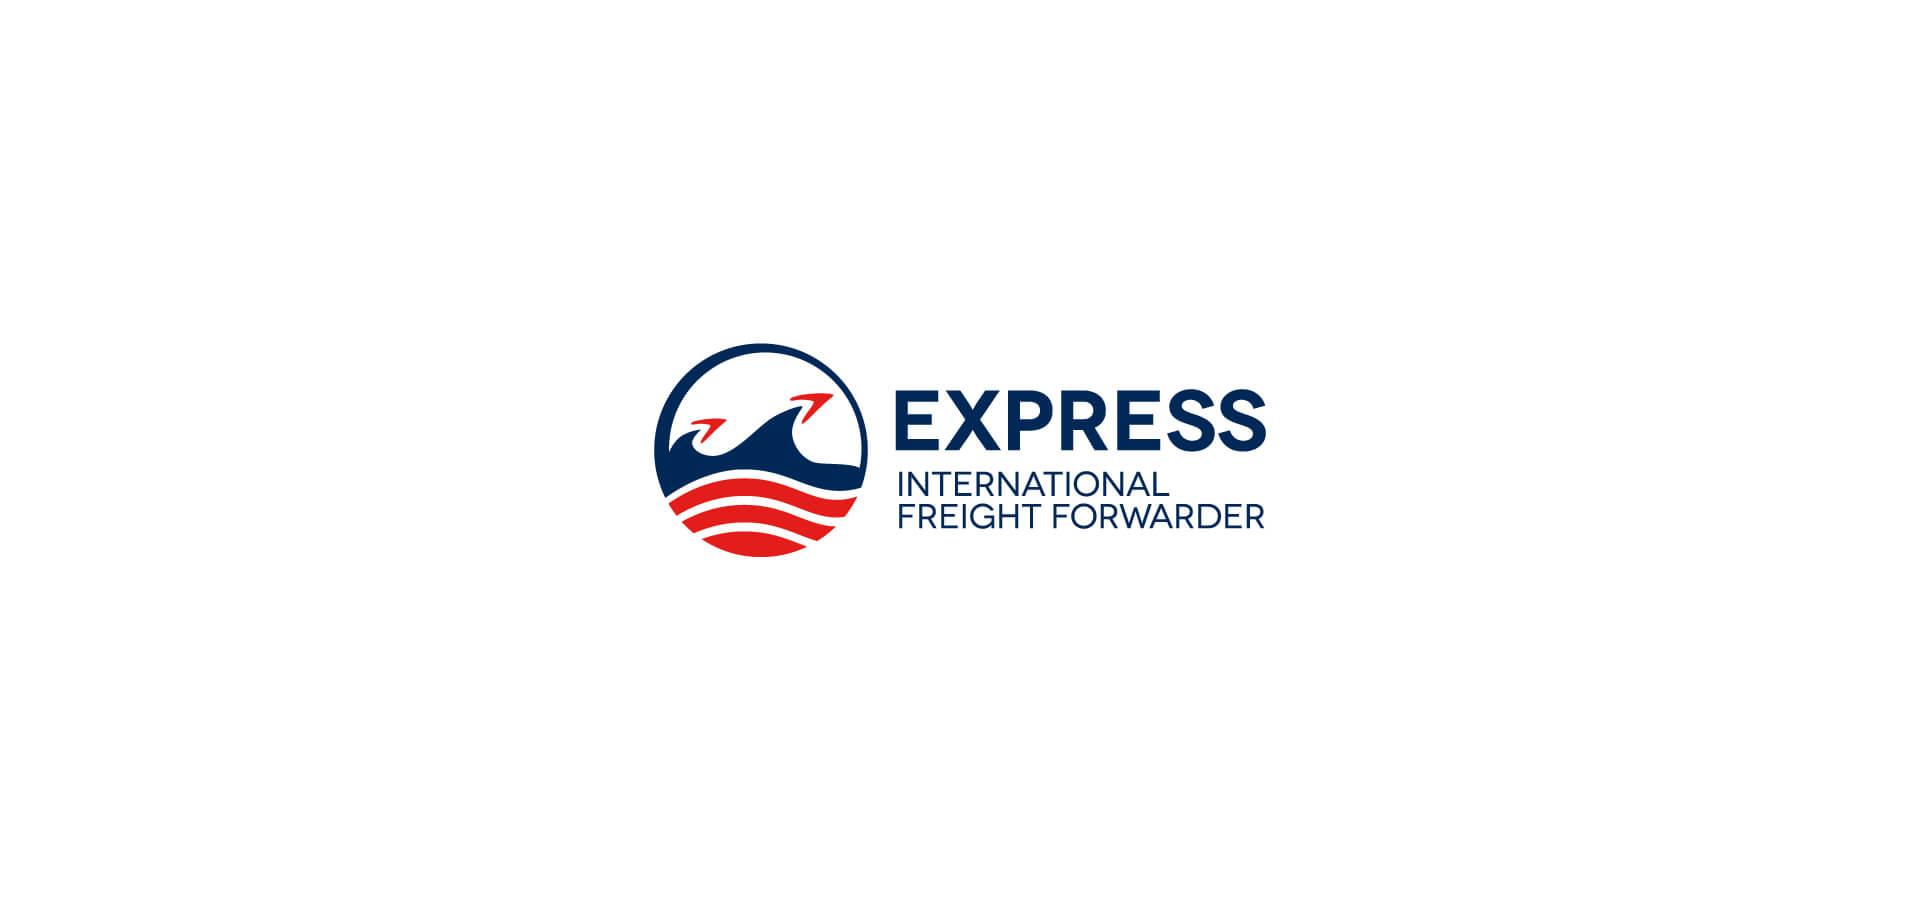 express-brand-identity-logo